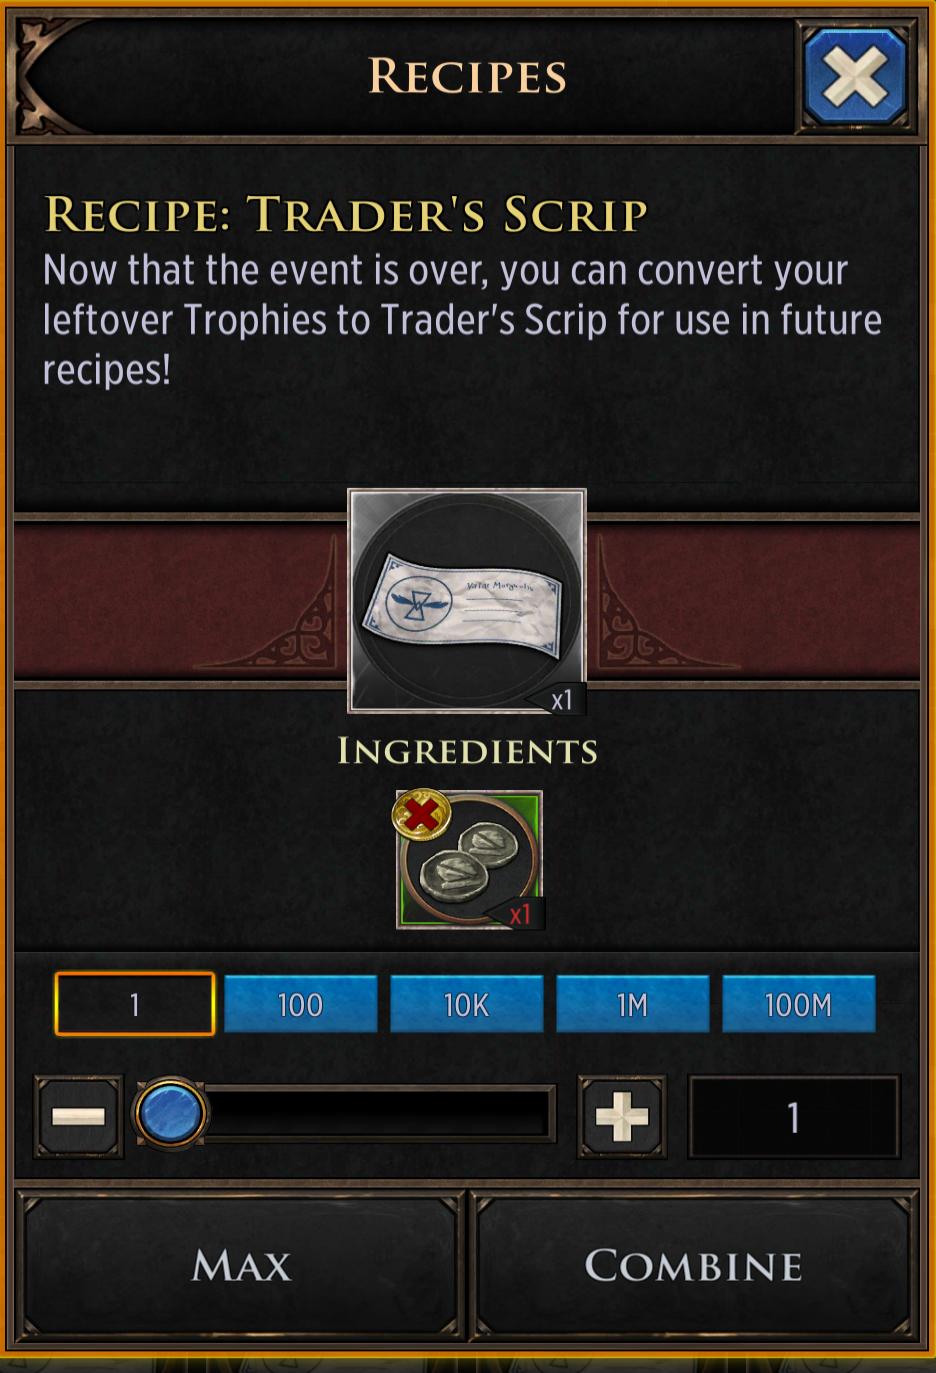 recipes guide Capture_2020-04-13-23-43-40